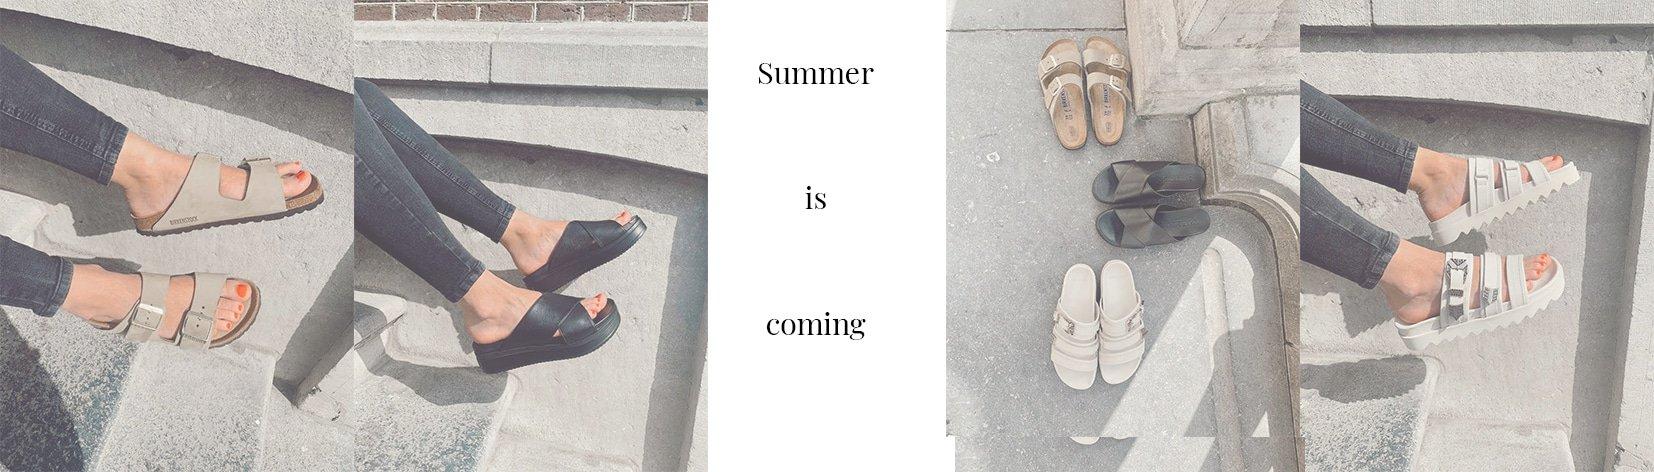 Bereit für das schöne Wetter mit diesen klobigen Slippers